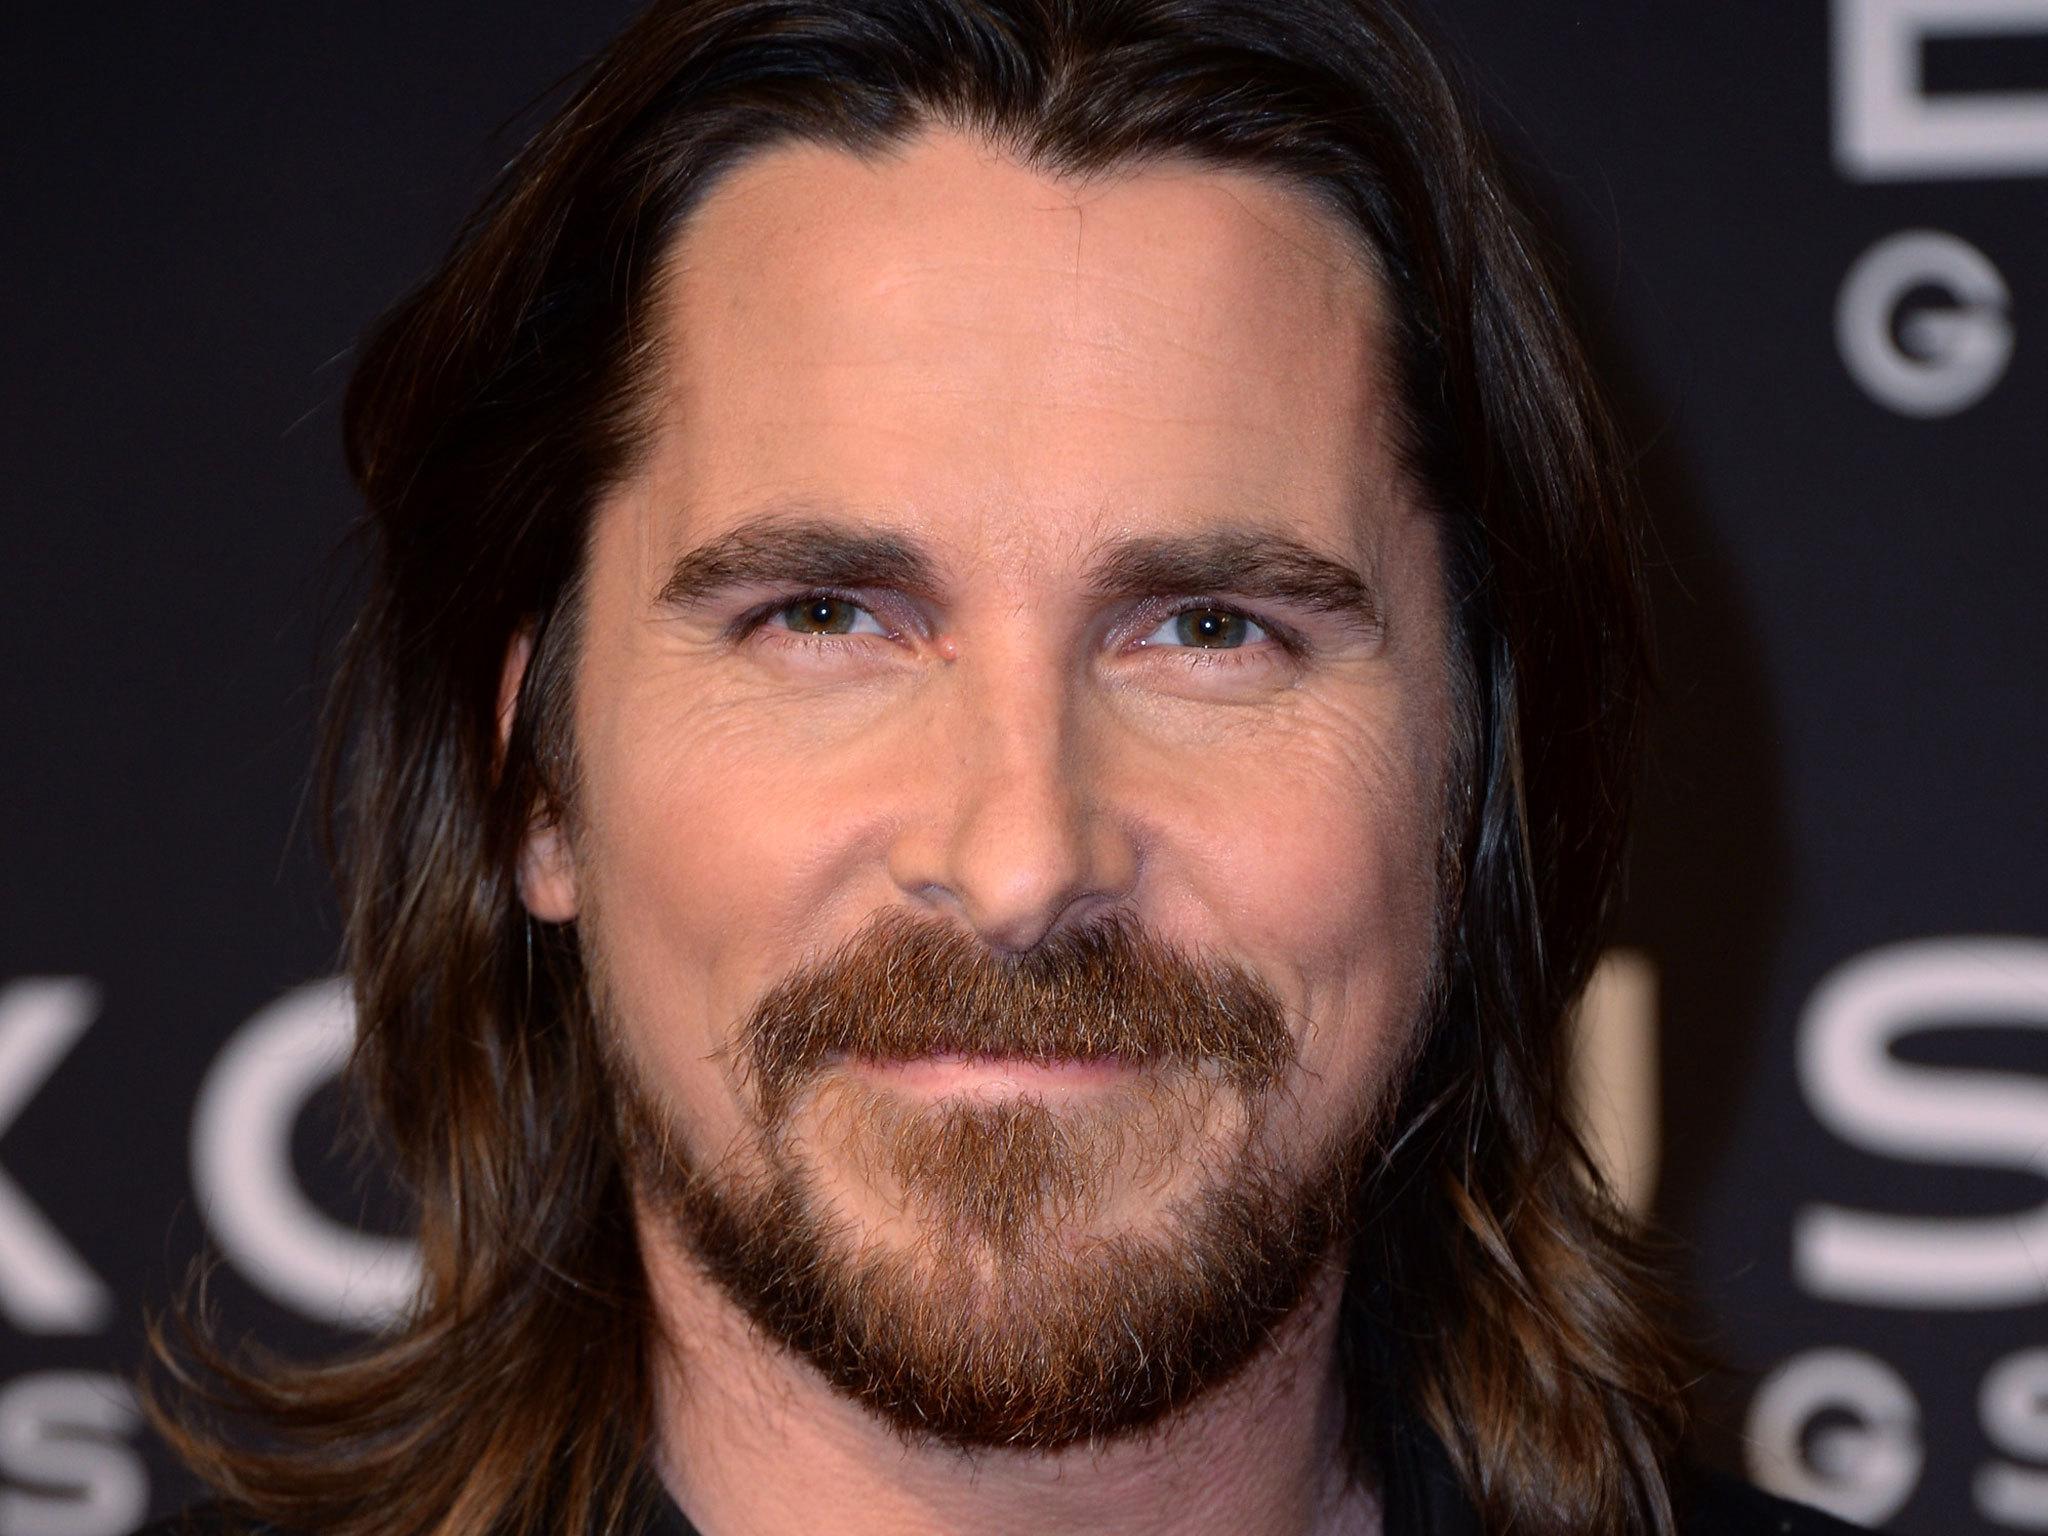 Christian Bale Photos